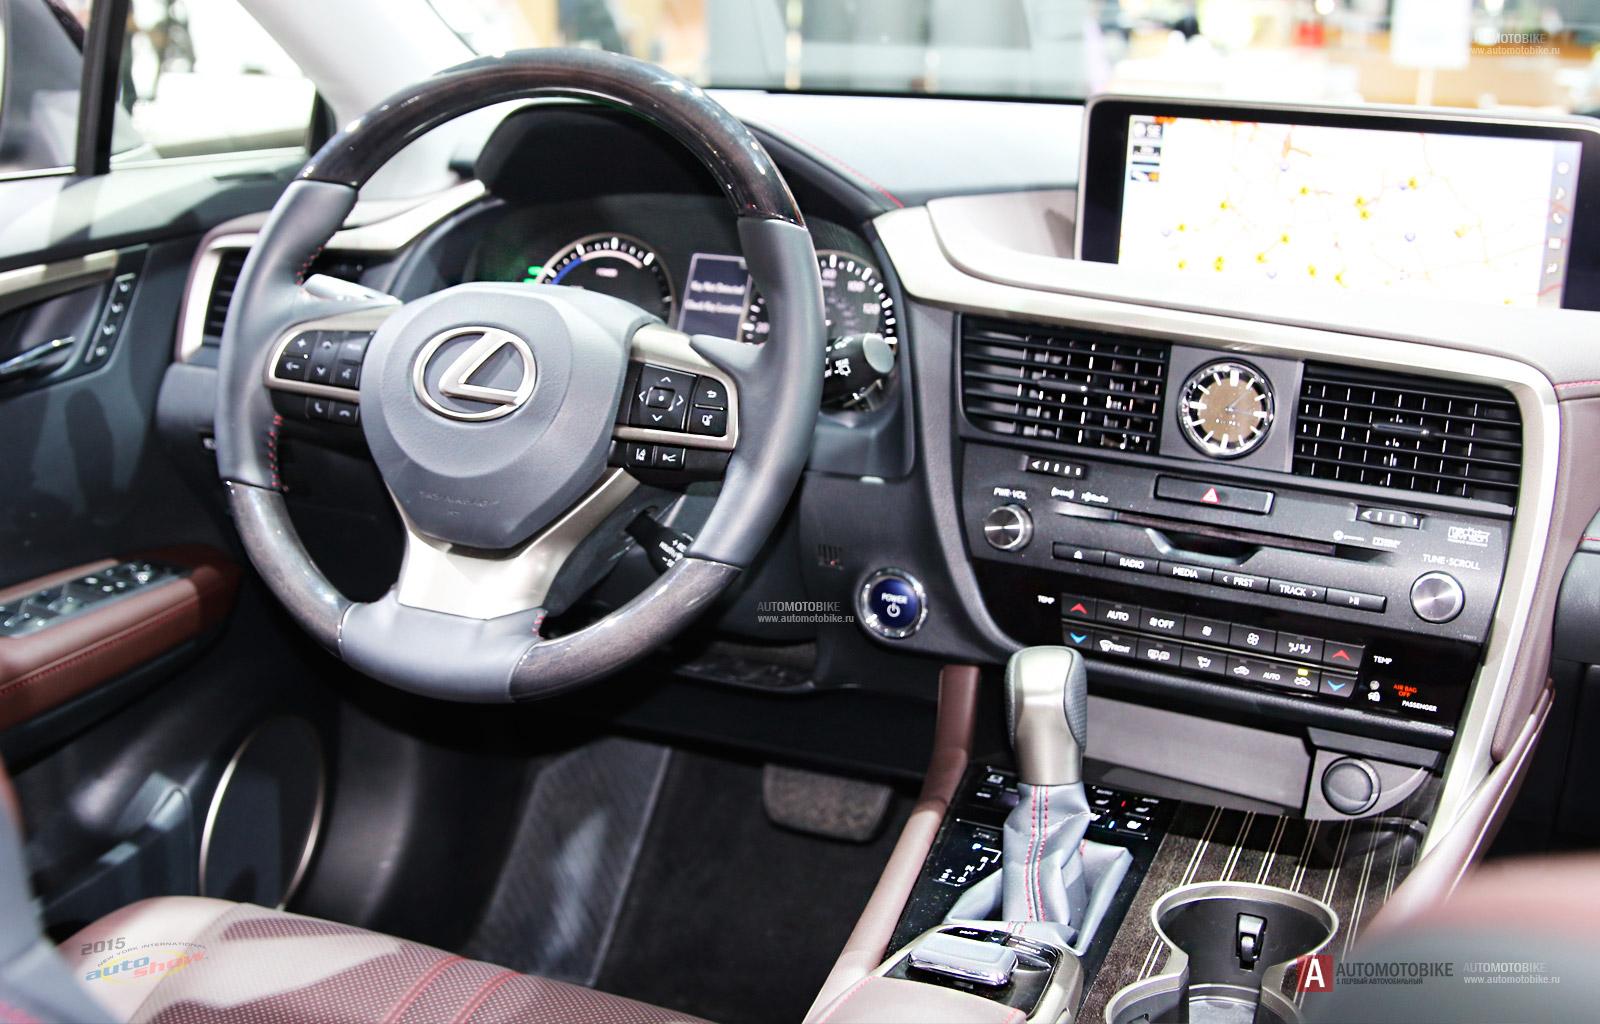 Lexus Rx 450h >> Обзор нового Lexus RX 450h 2016 модельного года – Автомобильные статьи – Статьи и обзоры ...